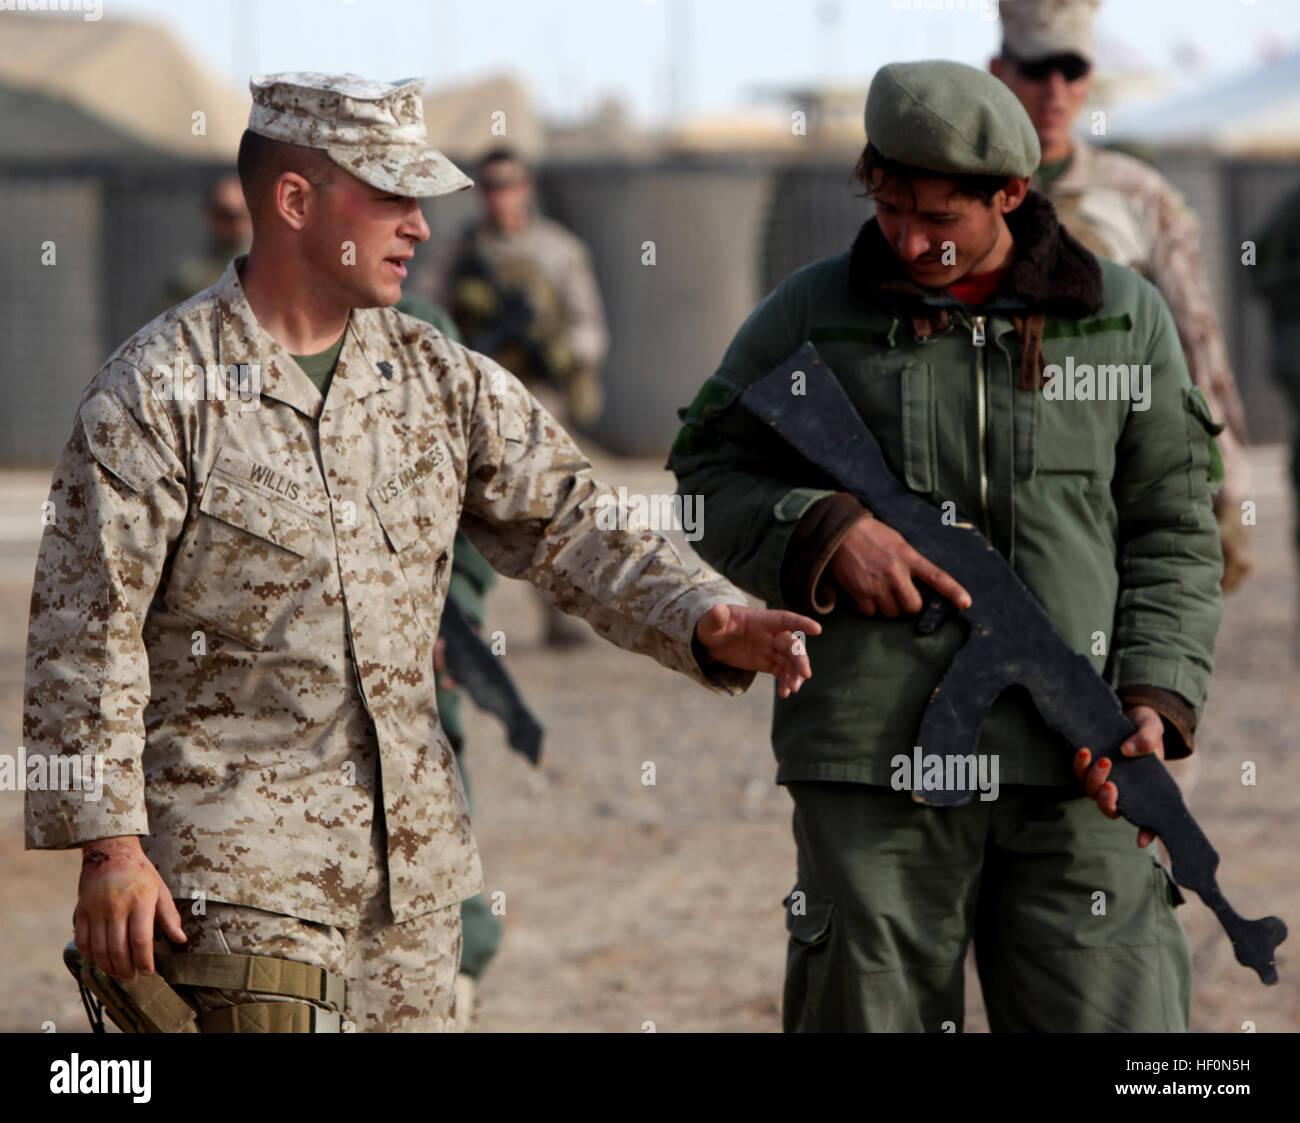 Hermosa Reanudar Militar A Civil Fotos - Colección De Plantillas De ...